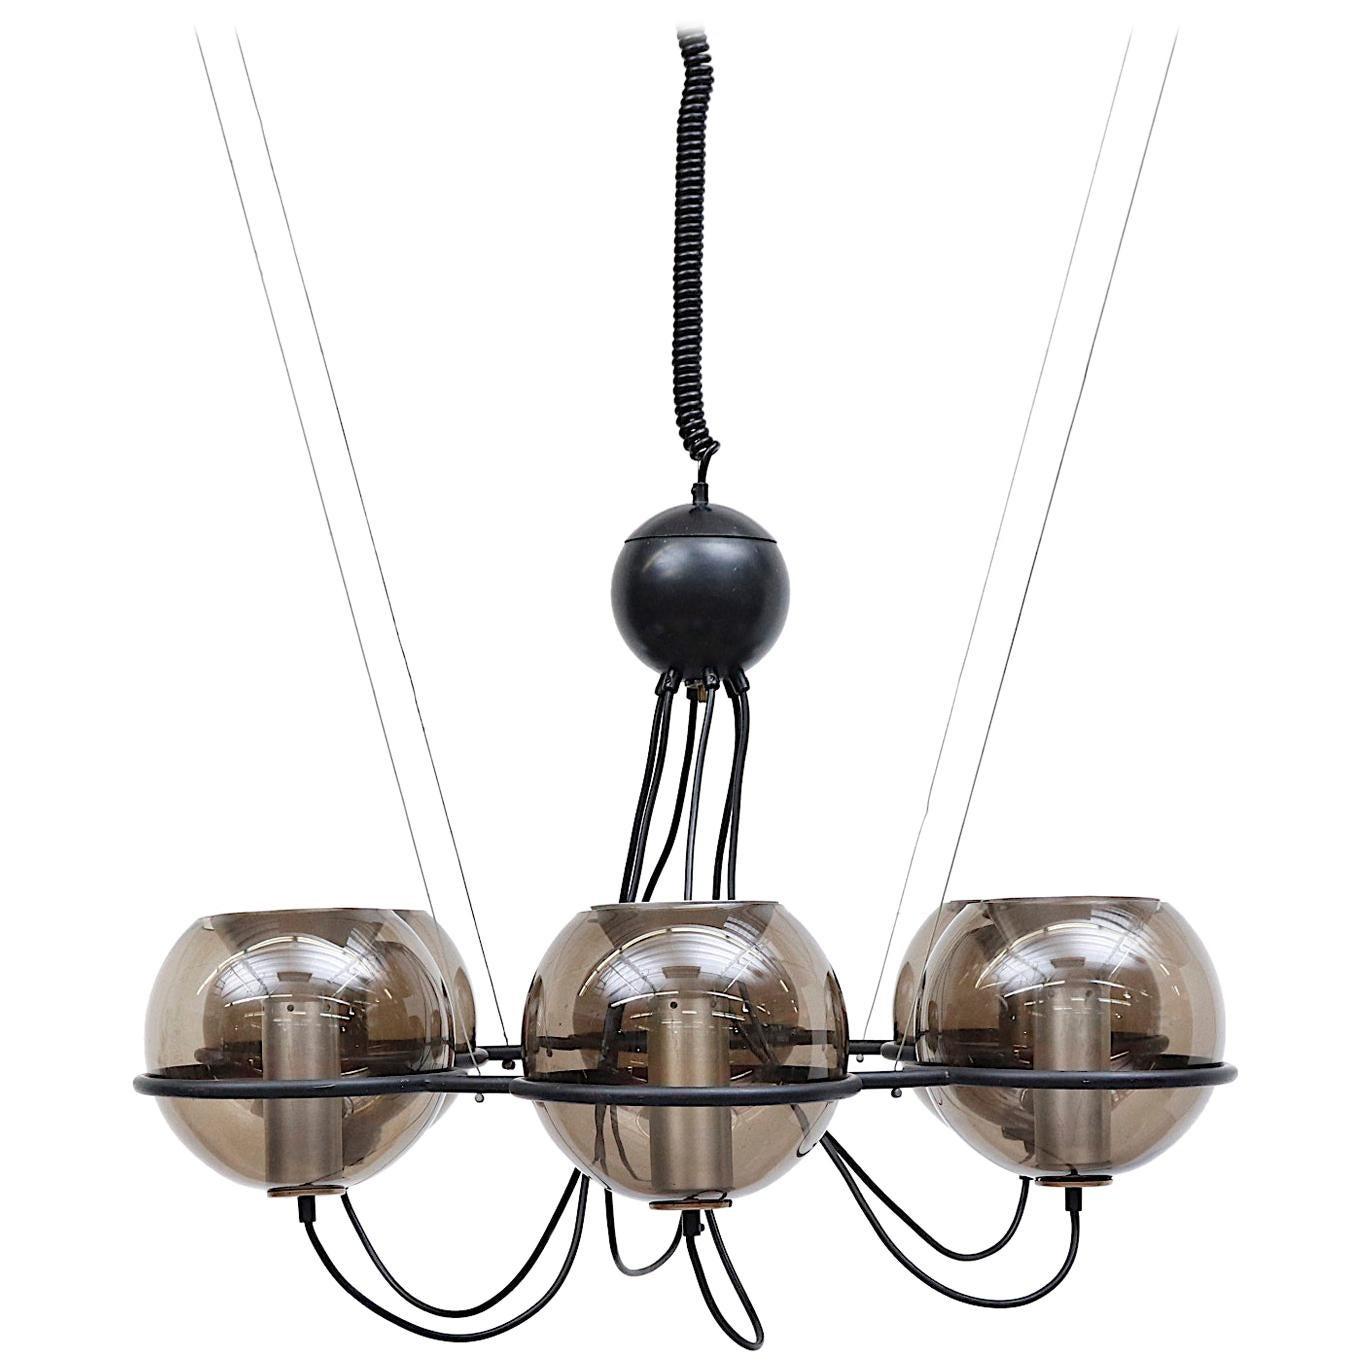 RAAK 'Saturnus' Smoked Globe Chandelier